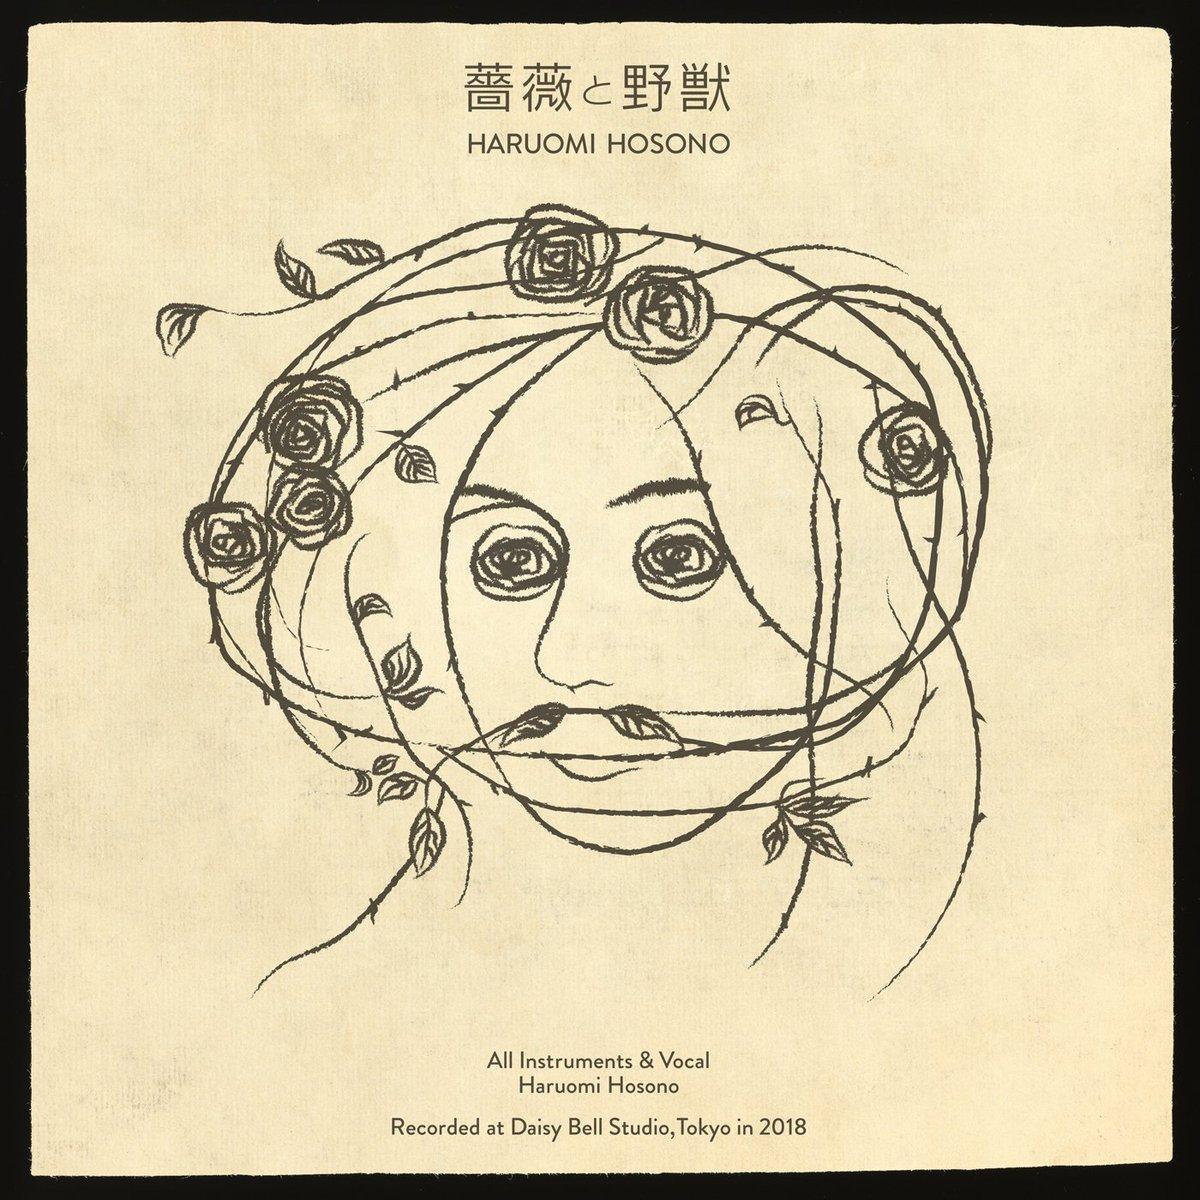 本日、新音源「薔薇と野獣(new ver.)」を配信リリース‼️1973年発売の細野晴臣ソロデビューアルバム『HOSONO HOUSE』に収録された「薔薇と野獣」の新録音です。歌唱・演奏・プログラミング・アレンジ・レコーディング・ミックスに至るすべての制作工程を自身で行いました。 https://t.co/6dxa5L43tw